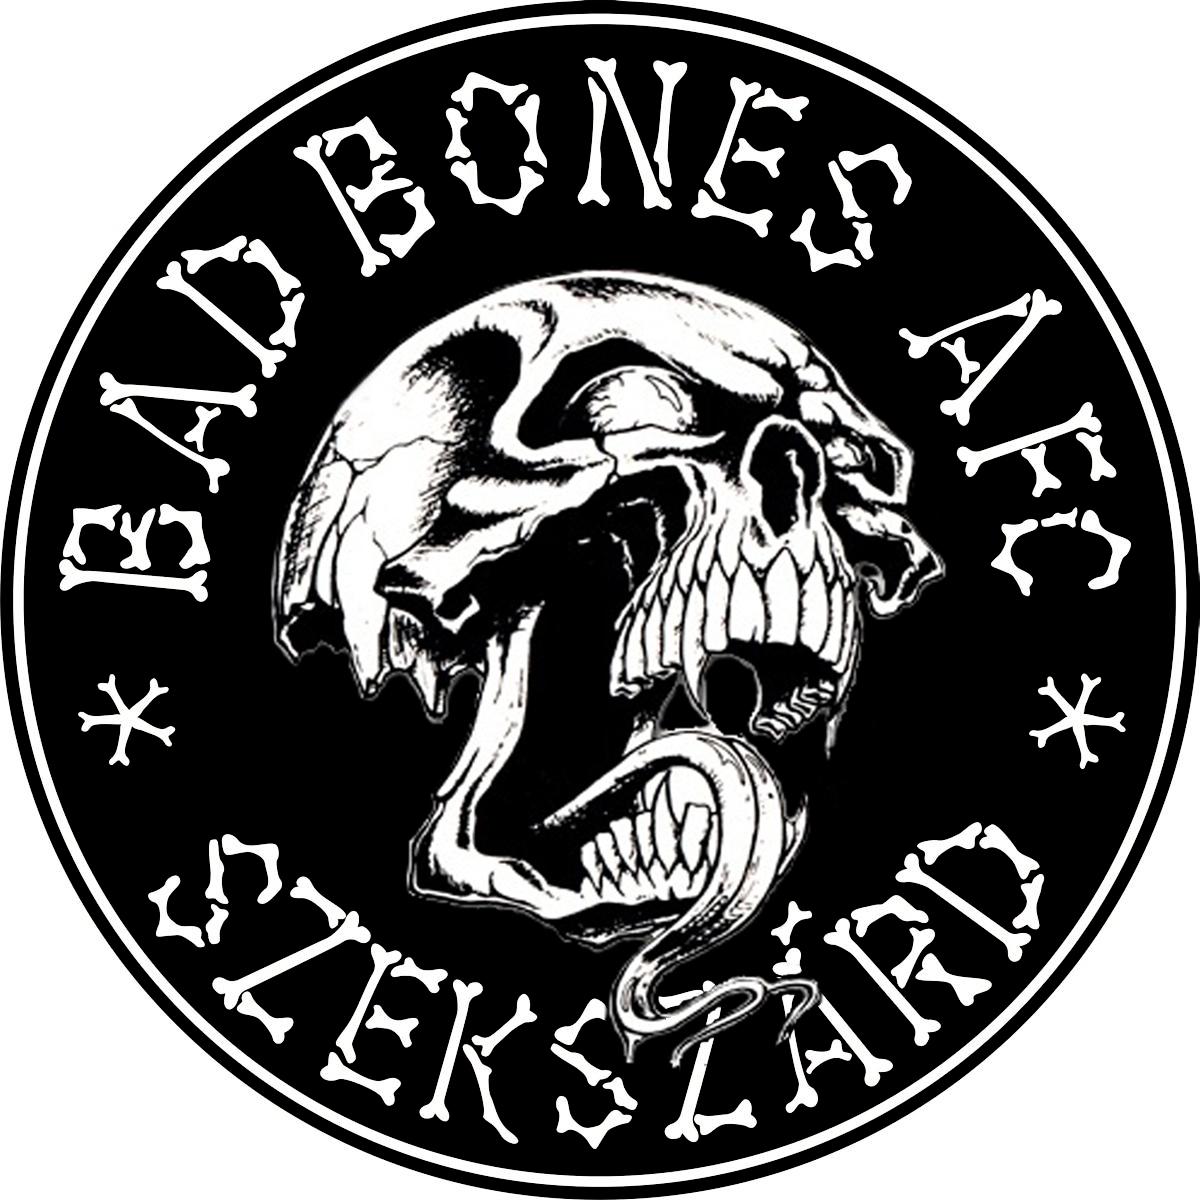 BadBones AFC LOGO 2013